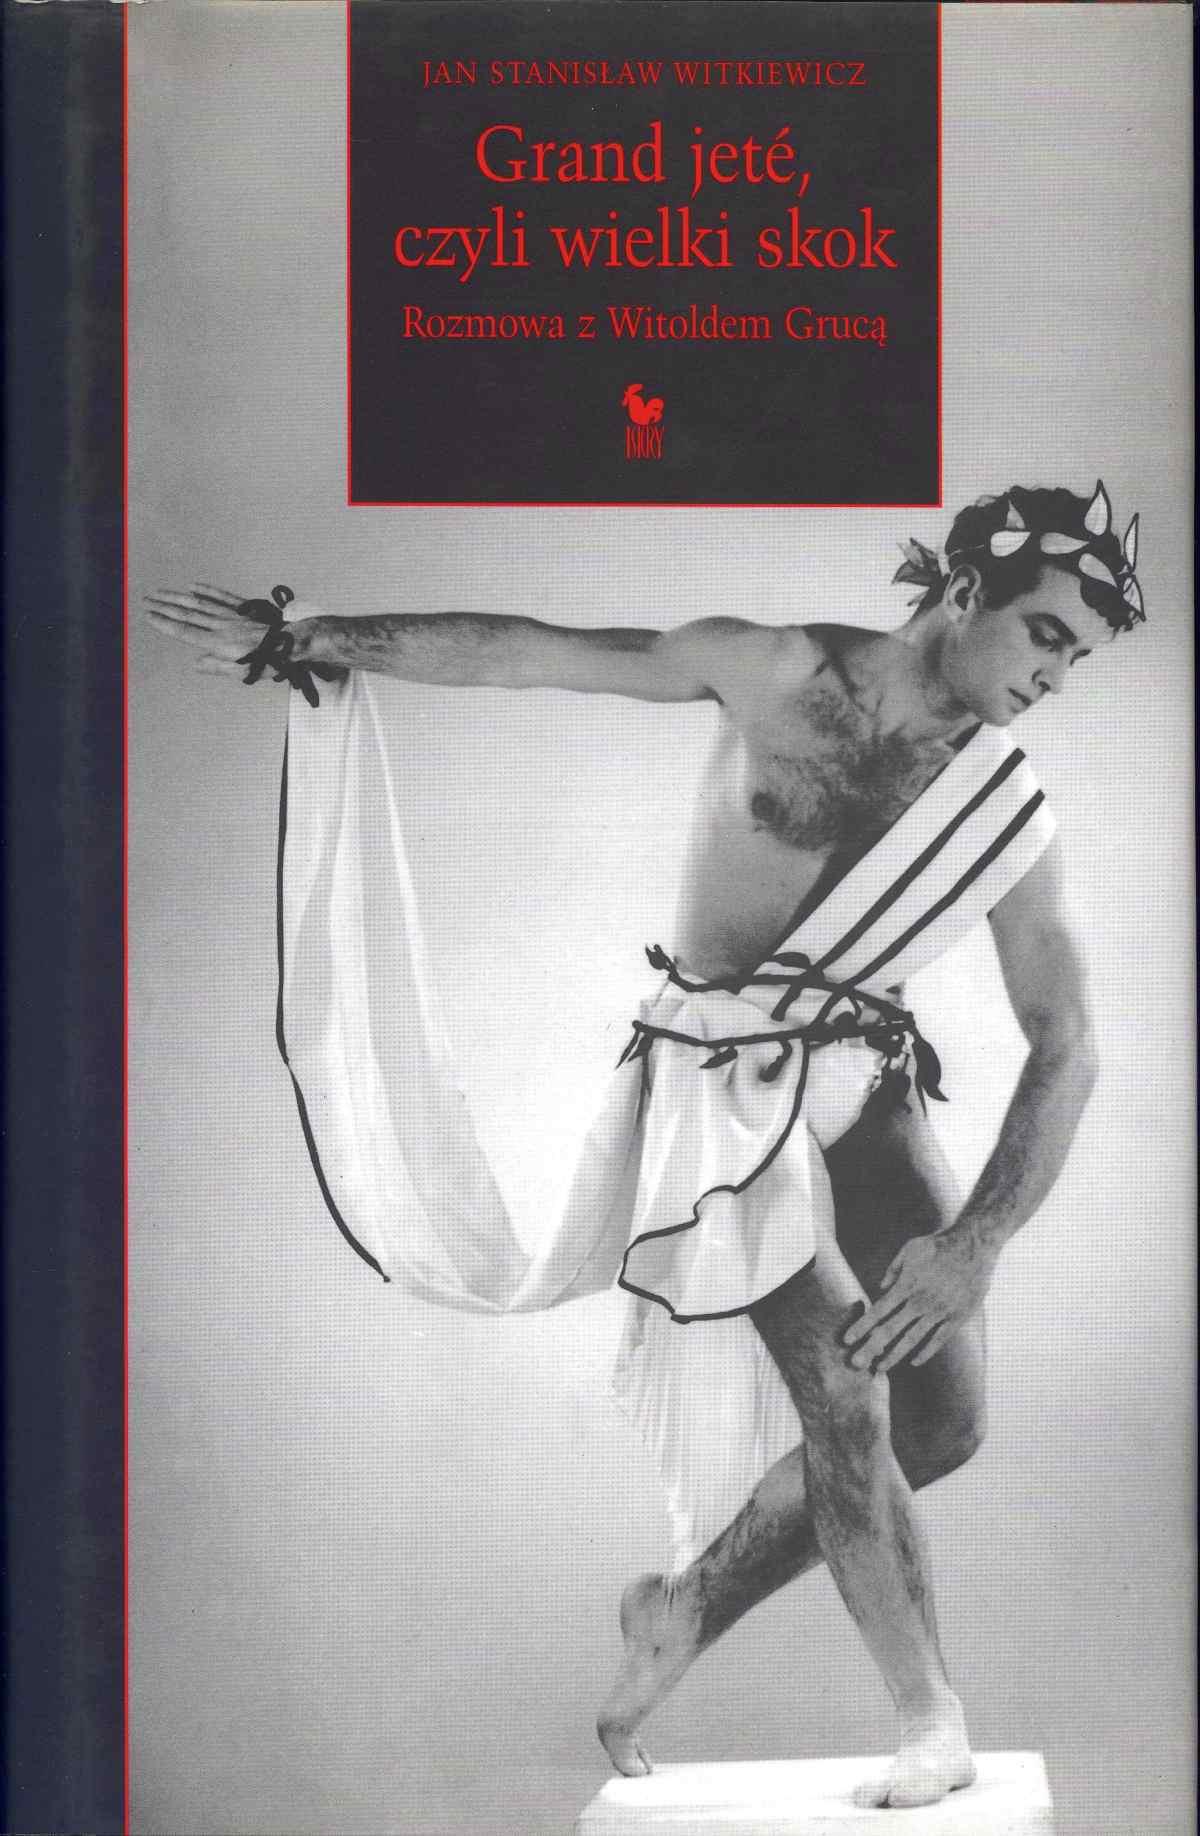 Grand jété, czyli wielki skok - Ebook (Książka EPUB) do pobrania w formacie EPUB